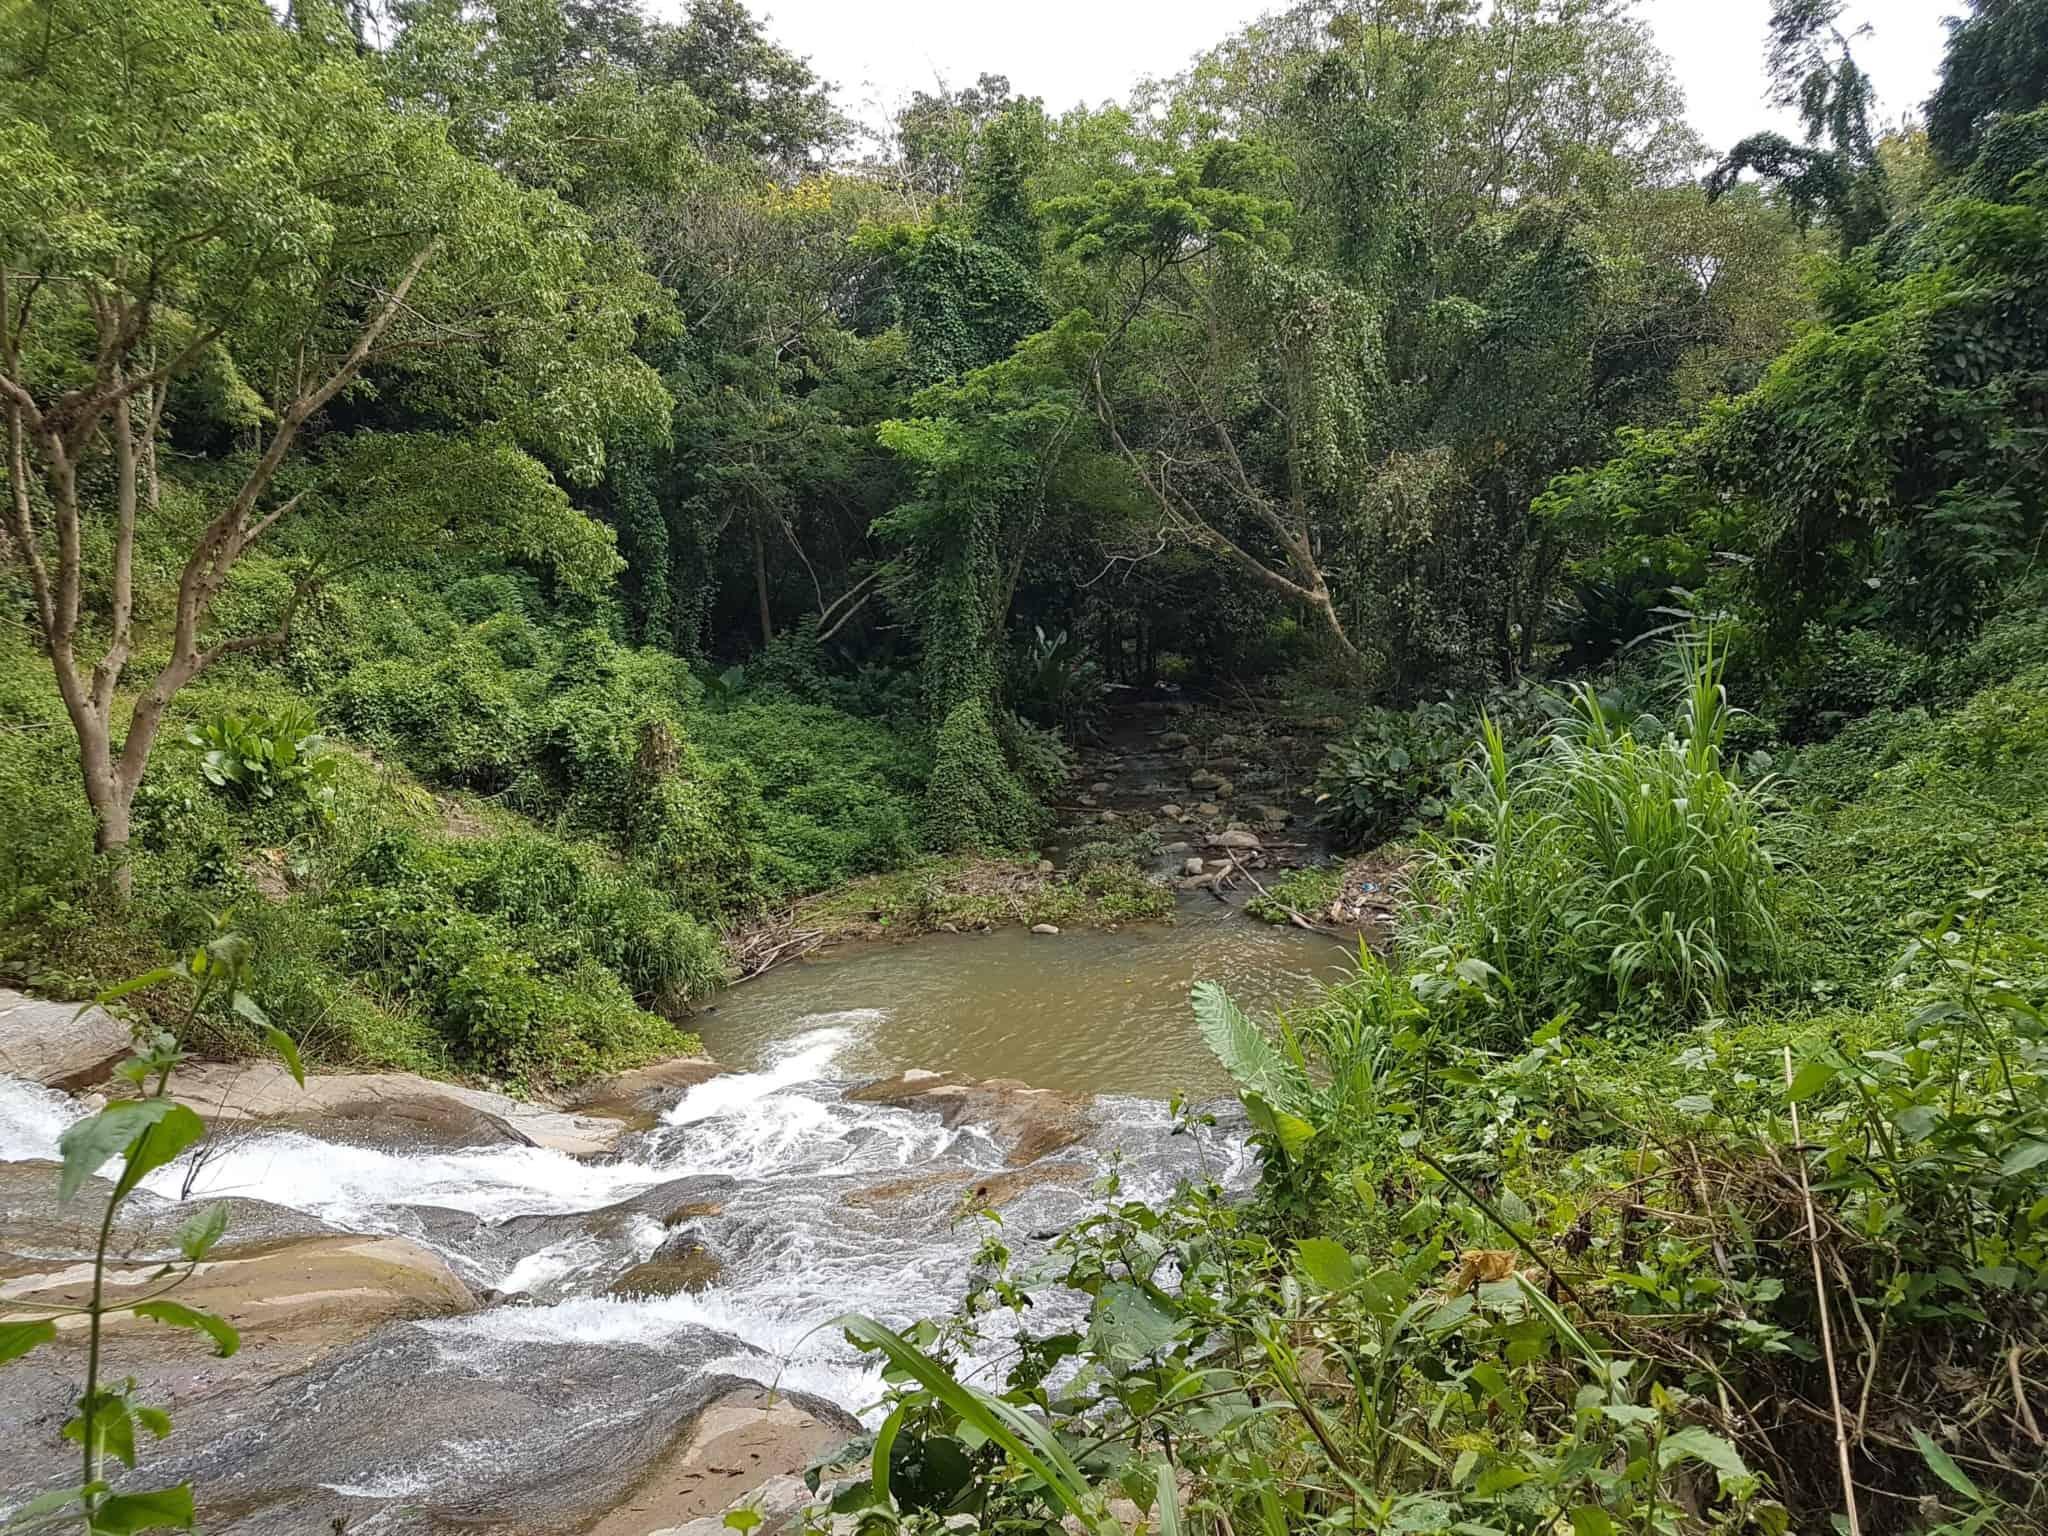 Thaïlande, tour en quad et rencontre imprévue avec les éléphants 🐘 5